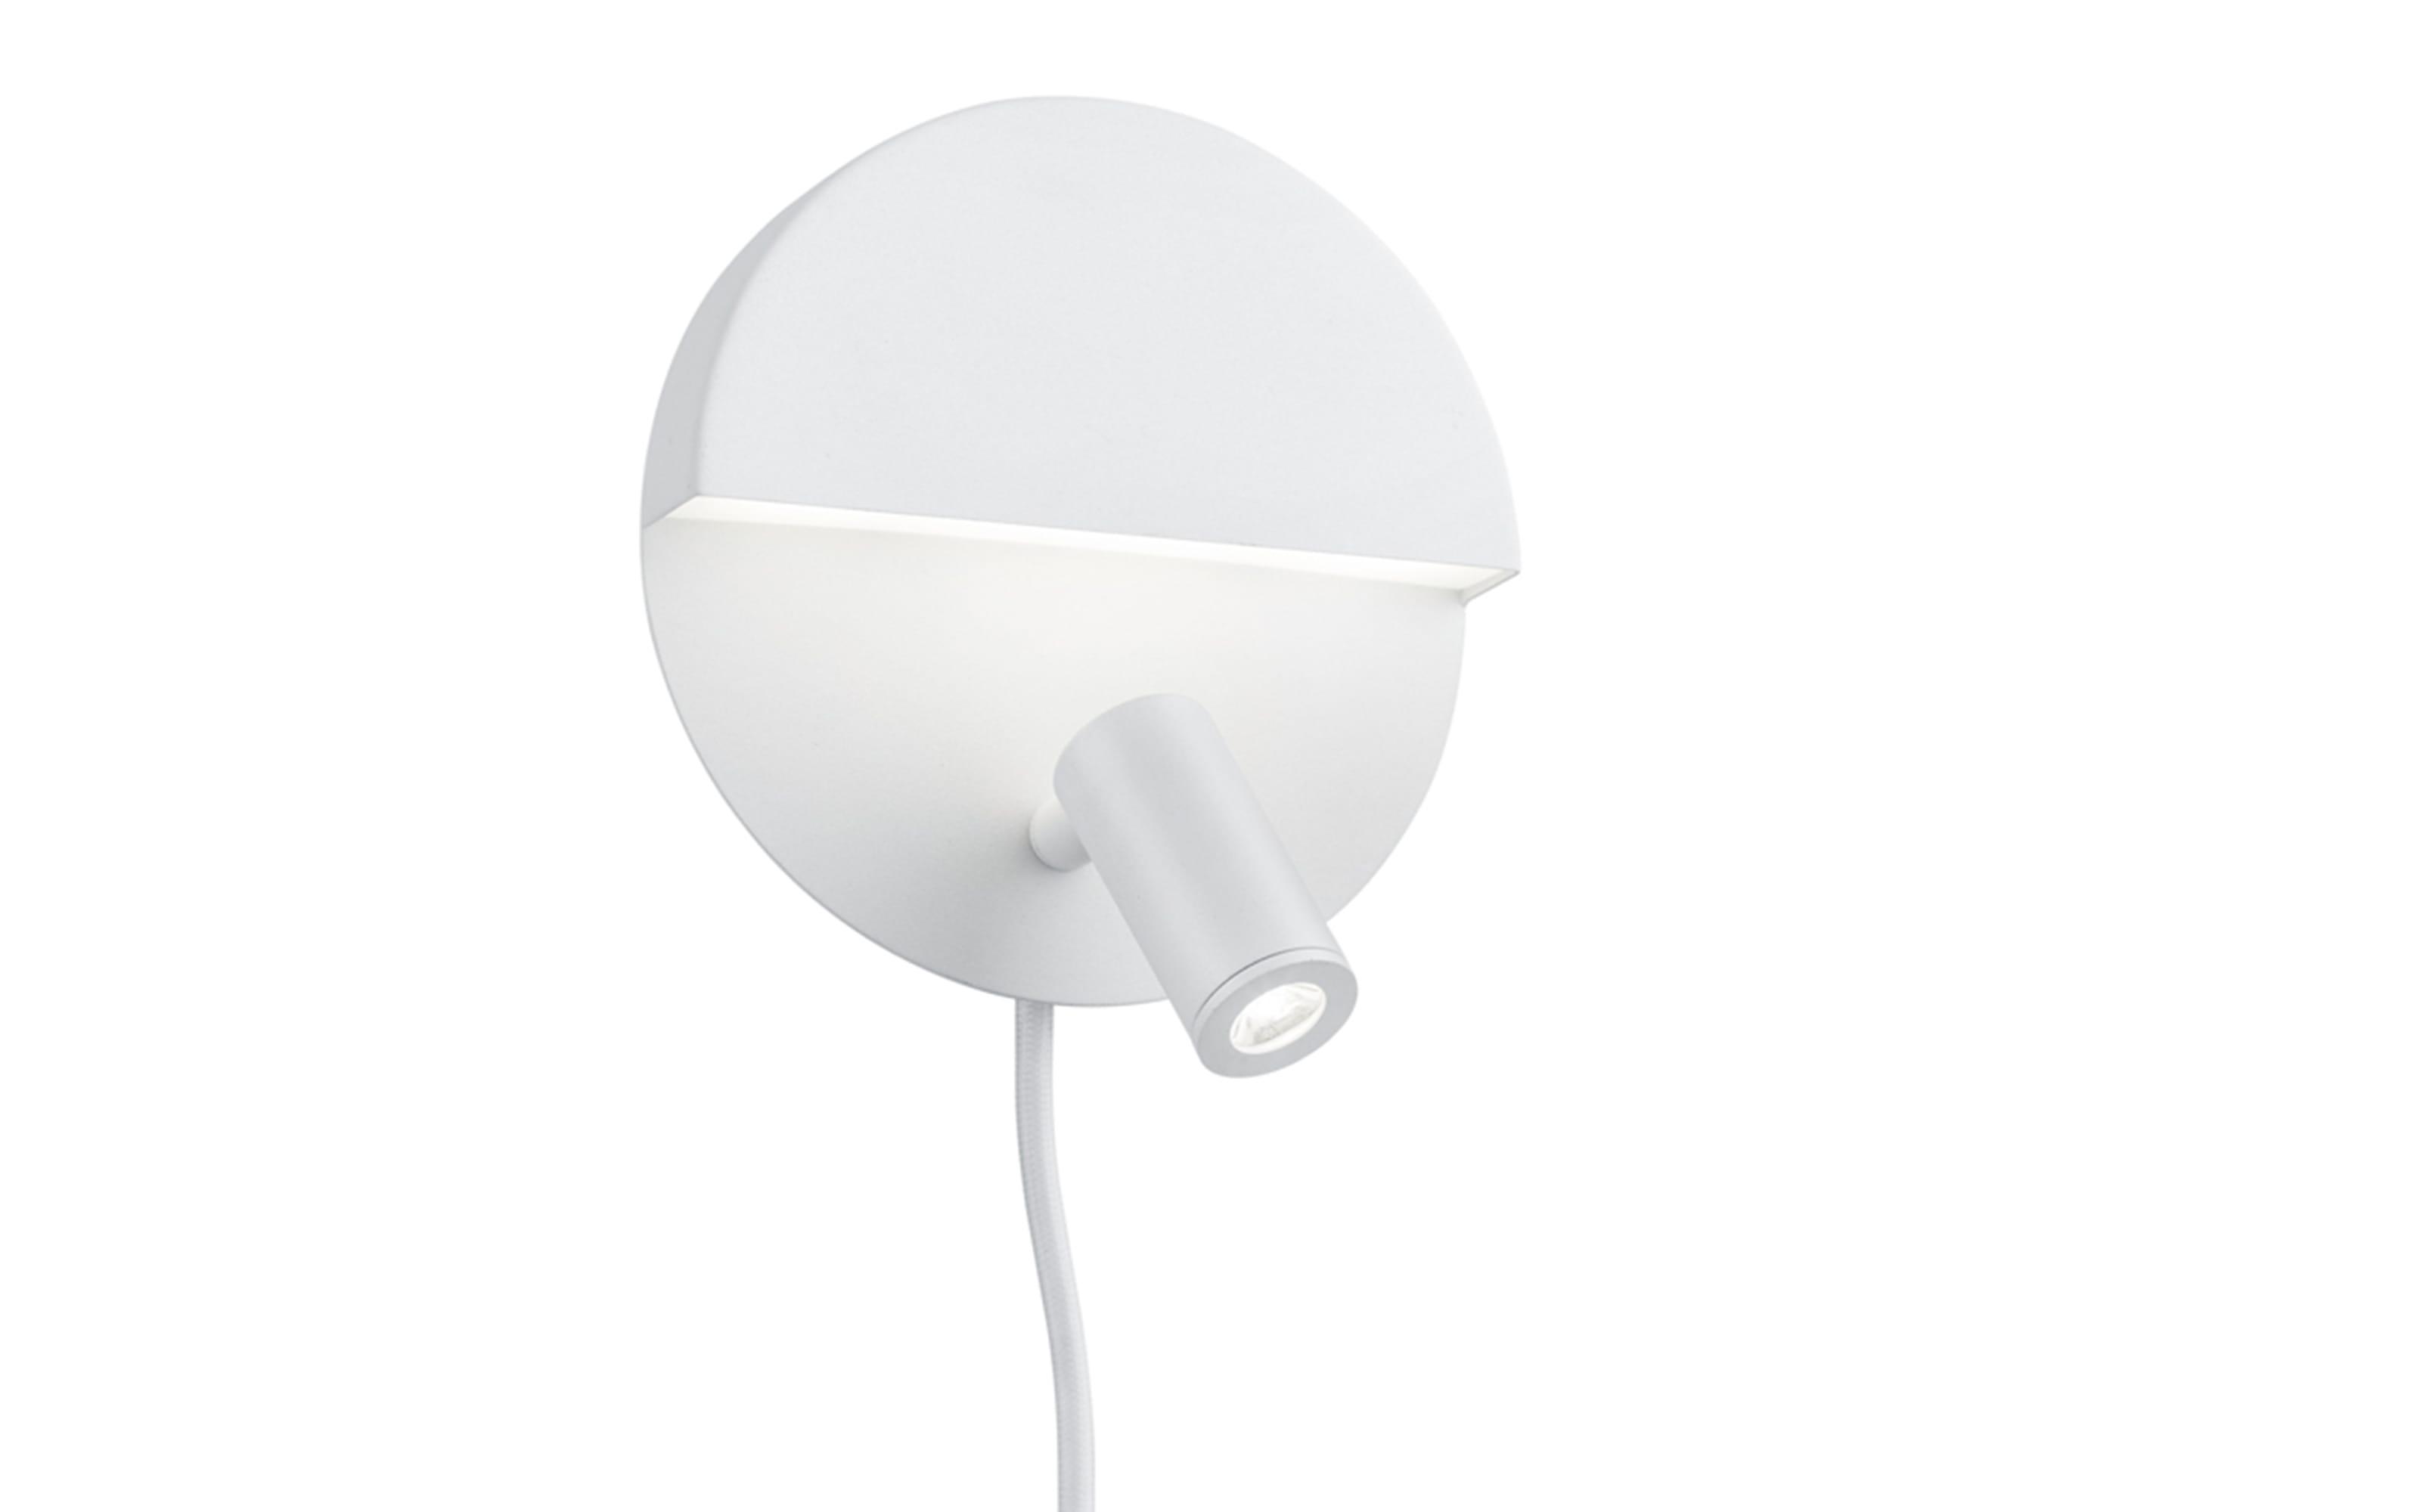 LED-Wandleuchte Mario in weiß